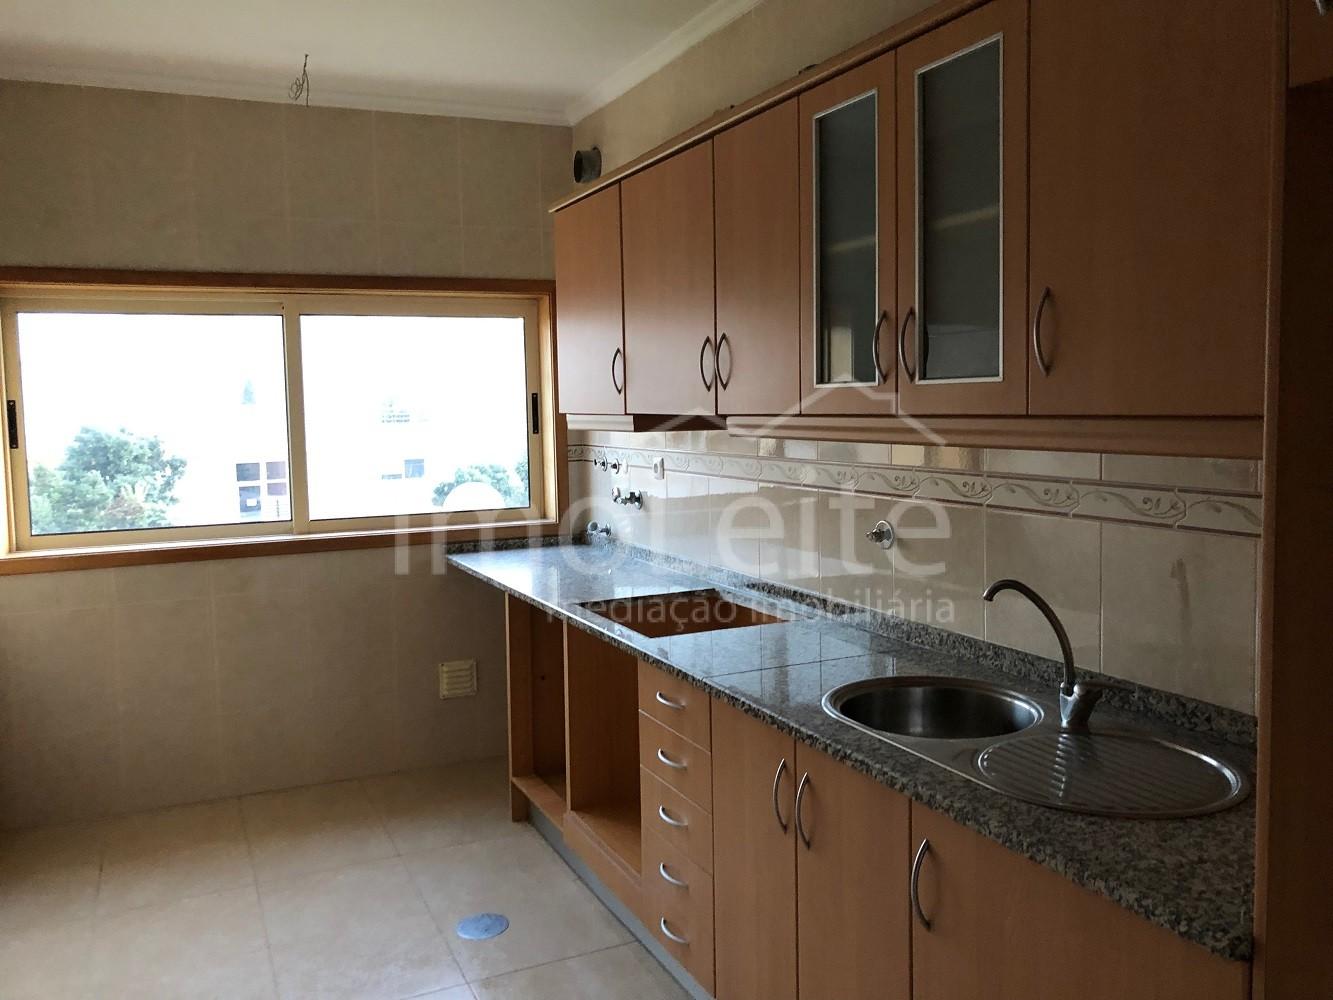 Apartamento T2 Póvoa de Vazim Aver-o-Mar Imóvel de Banco